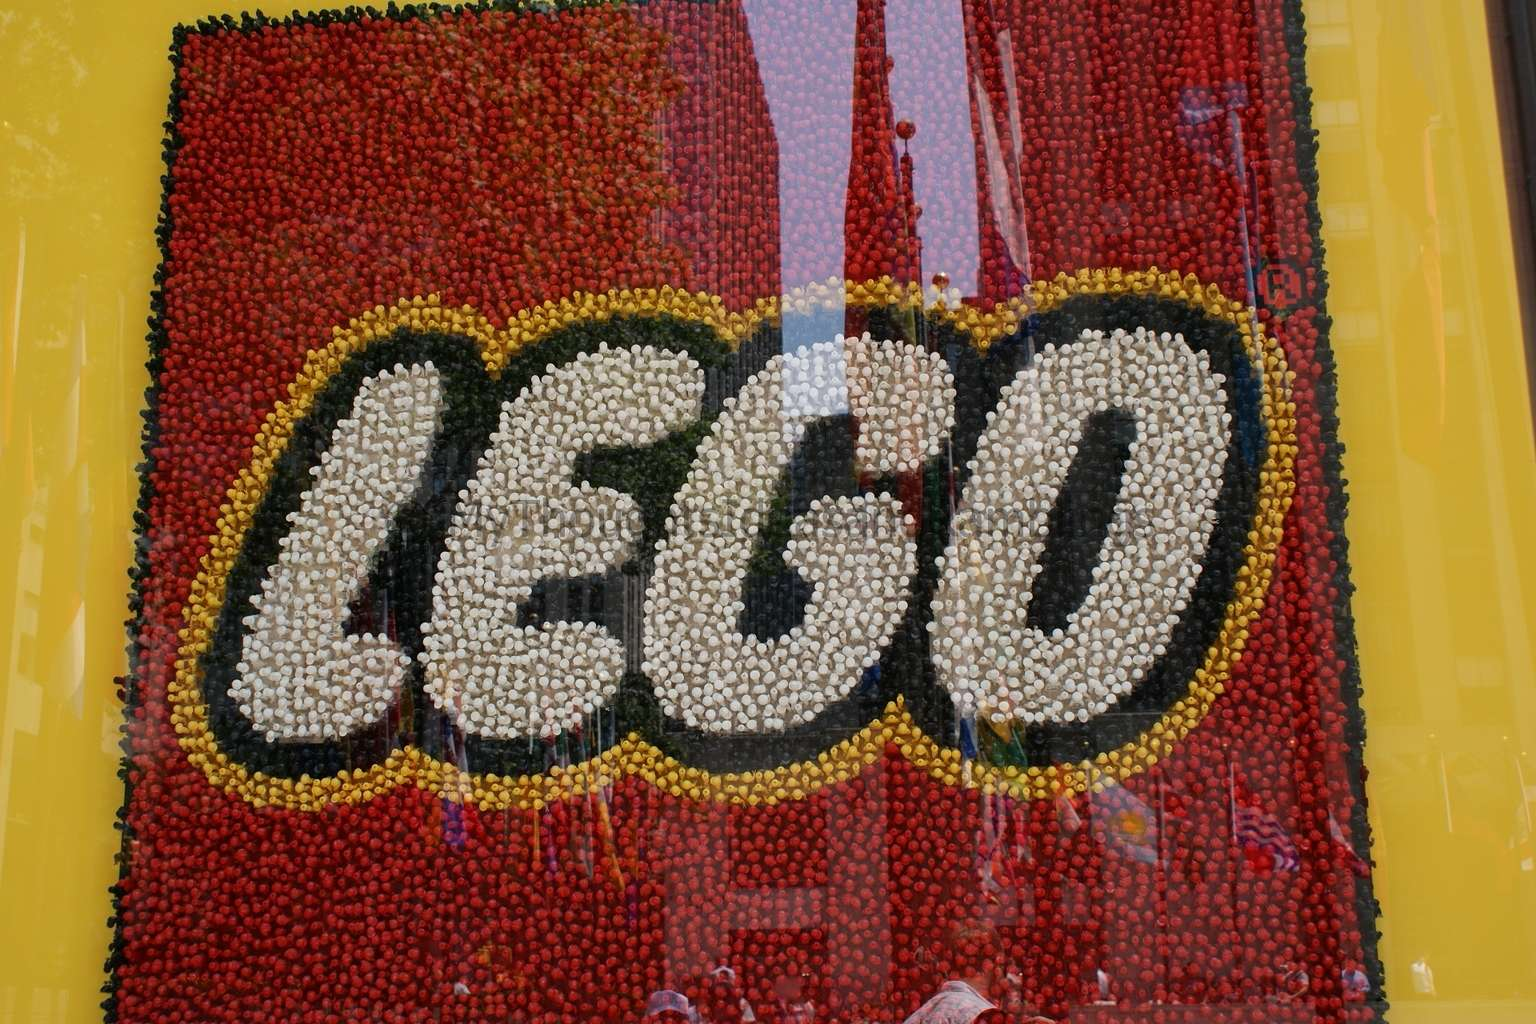 Lego Store – Rockefeller Center